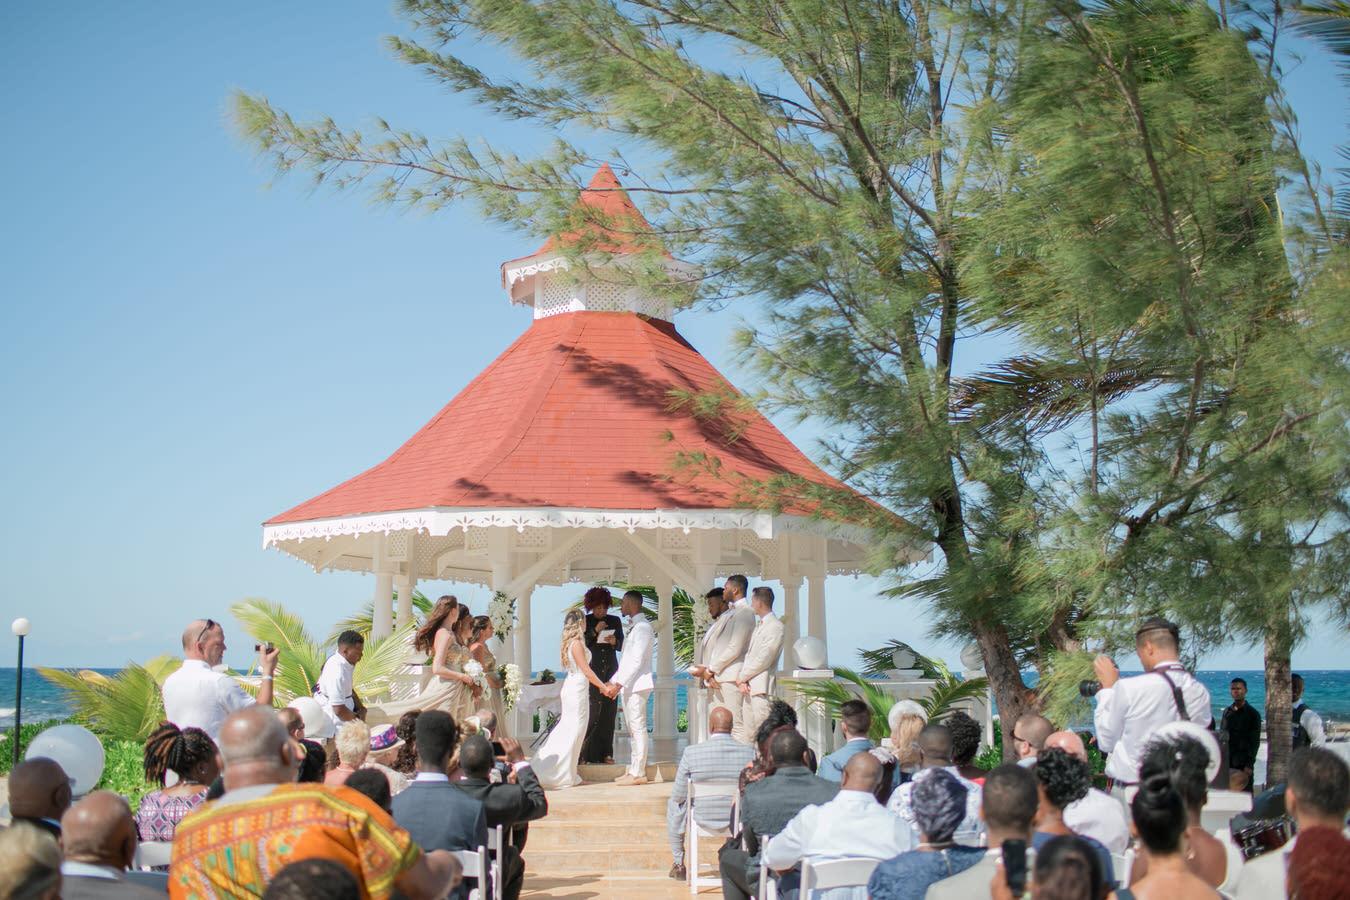 Ashley___Michael___Daniel_Ricci_Weddings_High_Res._Final_0154.jpg